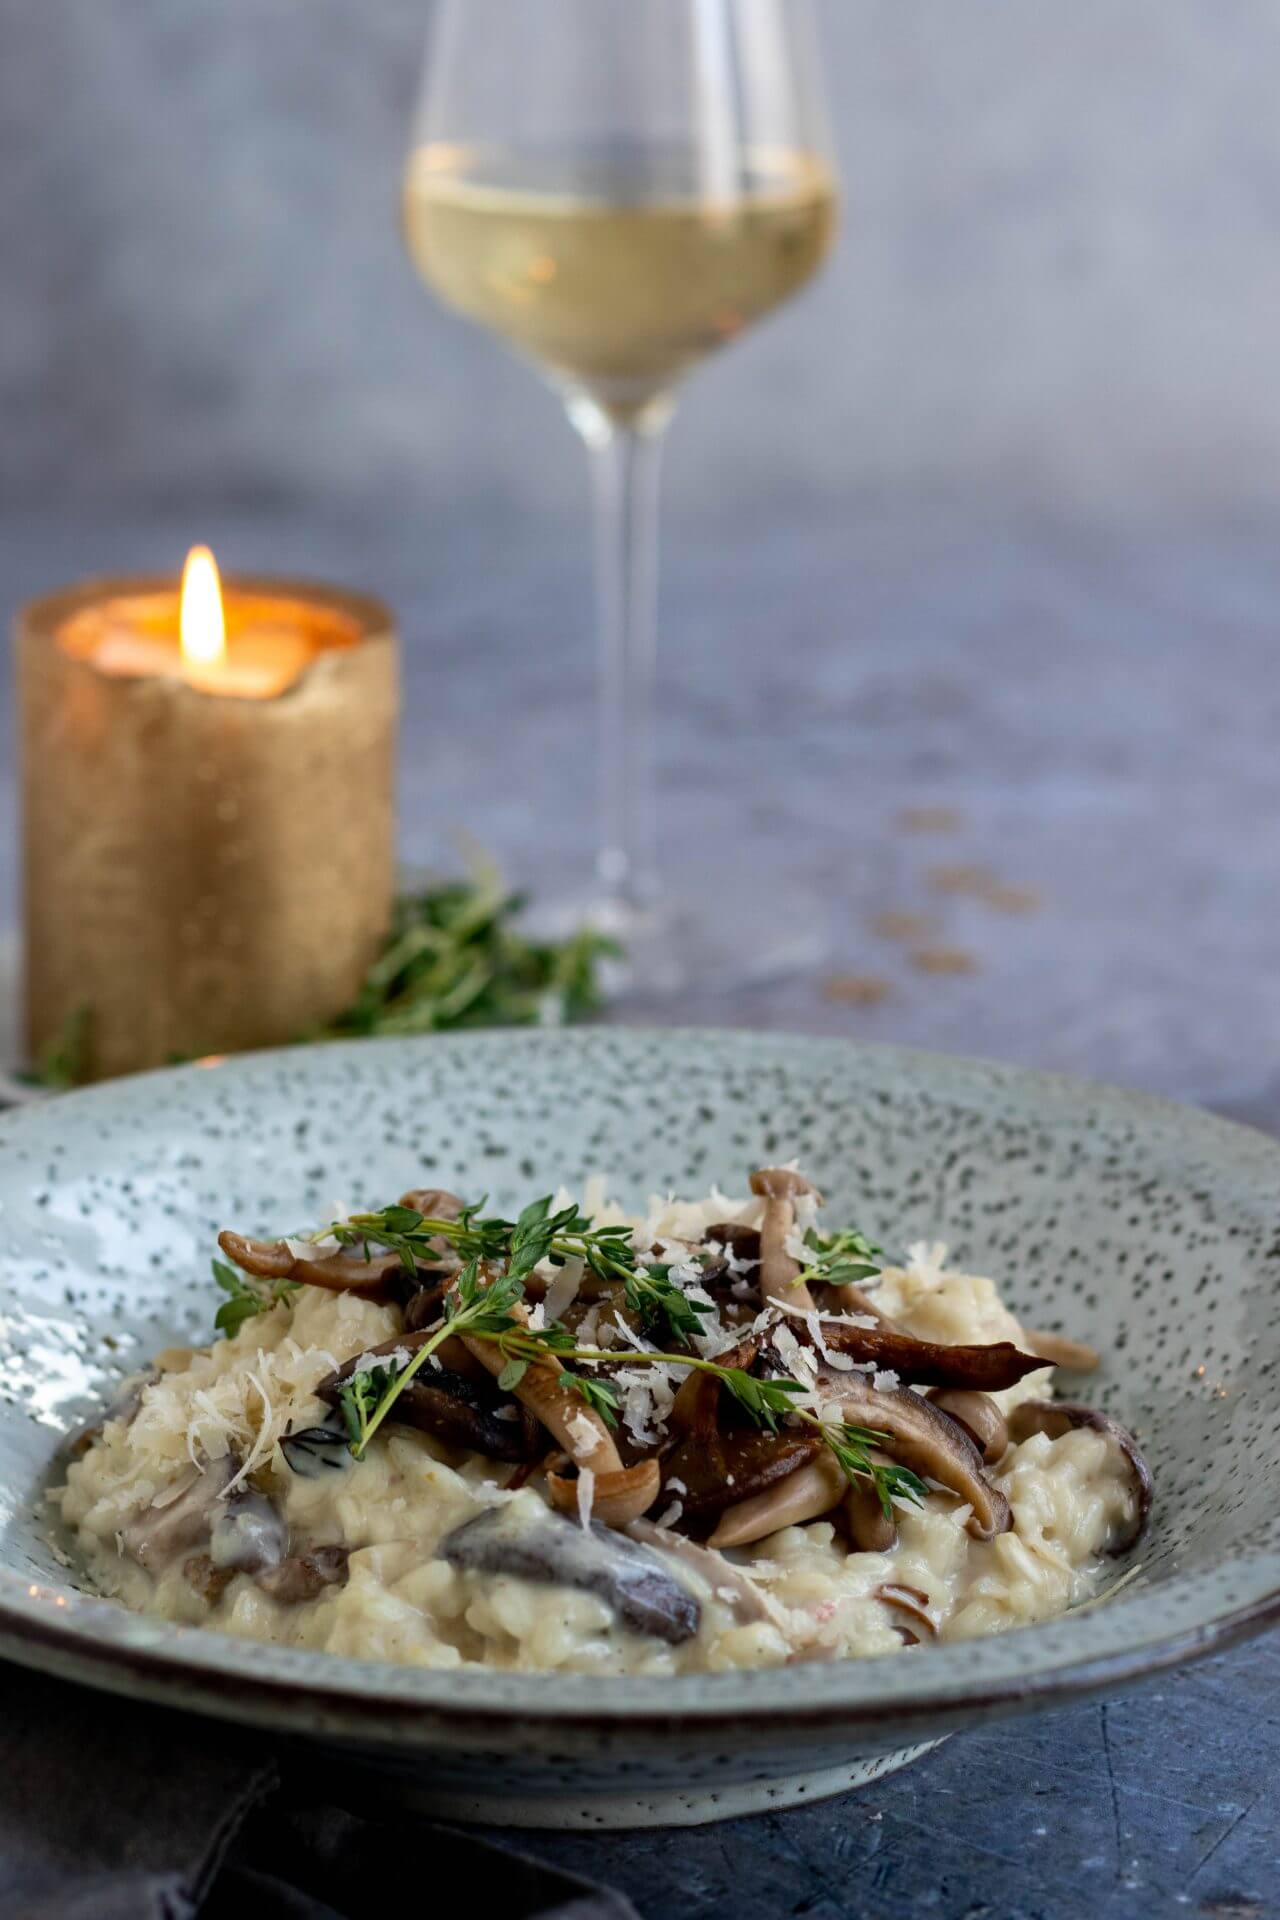 risotto-met-paddenstoelen-truffelolie